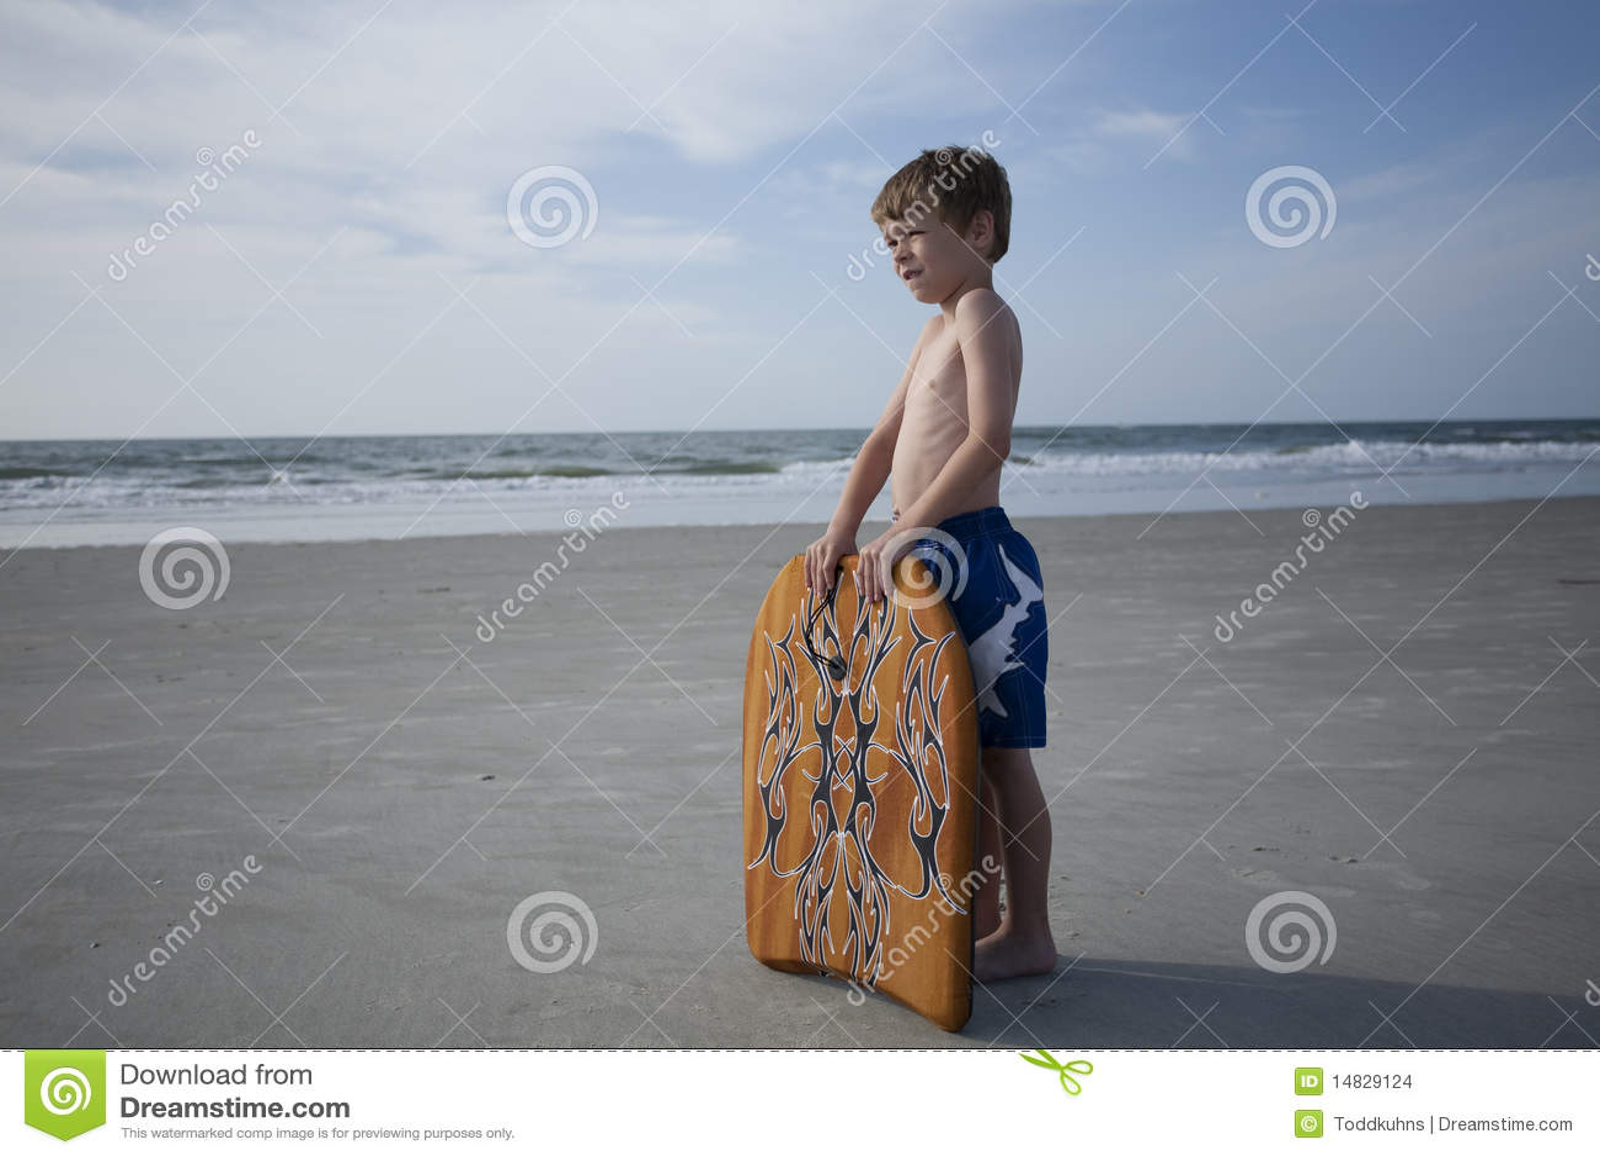 Junger Junge am Strand